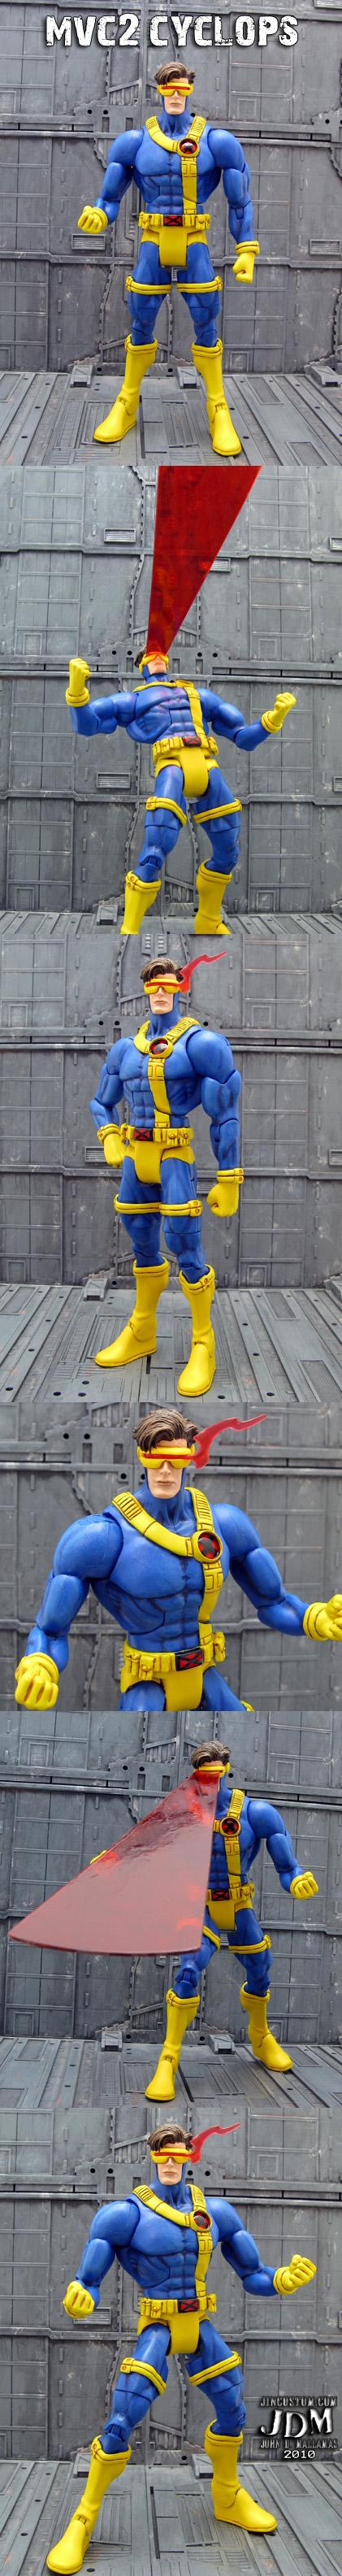 MvC2 Cyclops